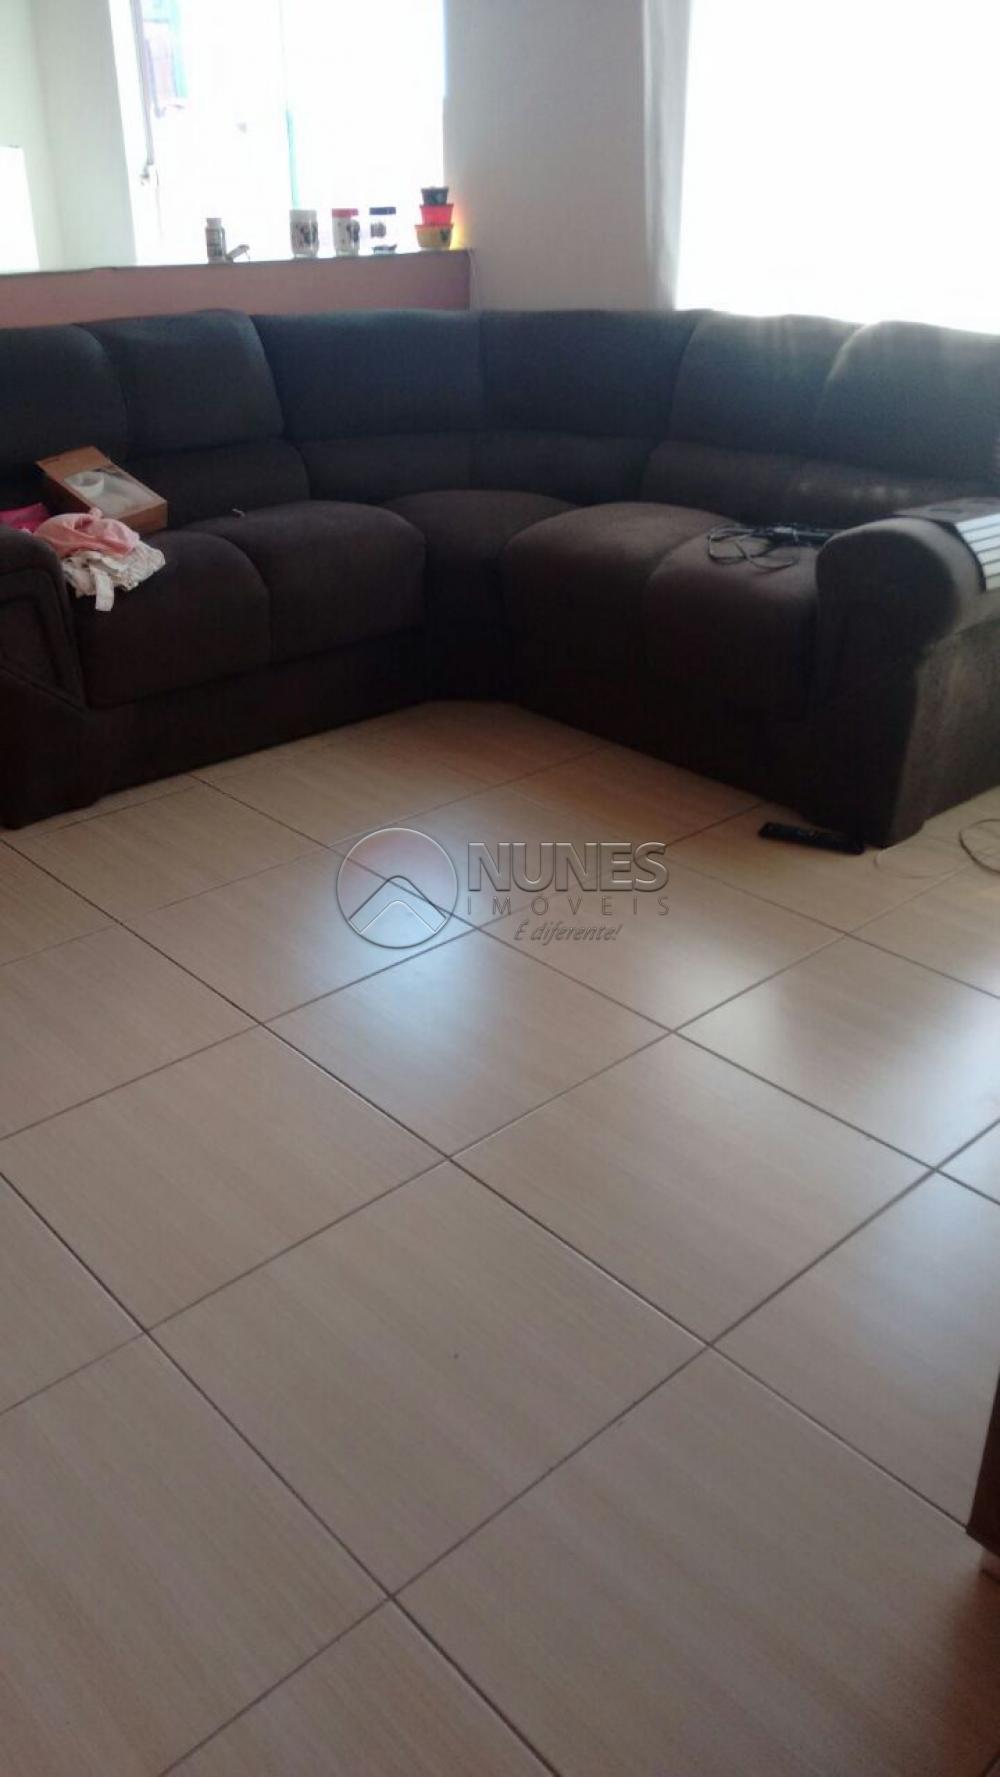 Comprar Casa / Assobradada em Carapicuíba apenas R$ 250.000,00 - Foto 5